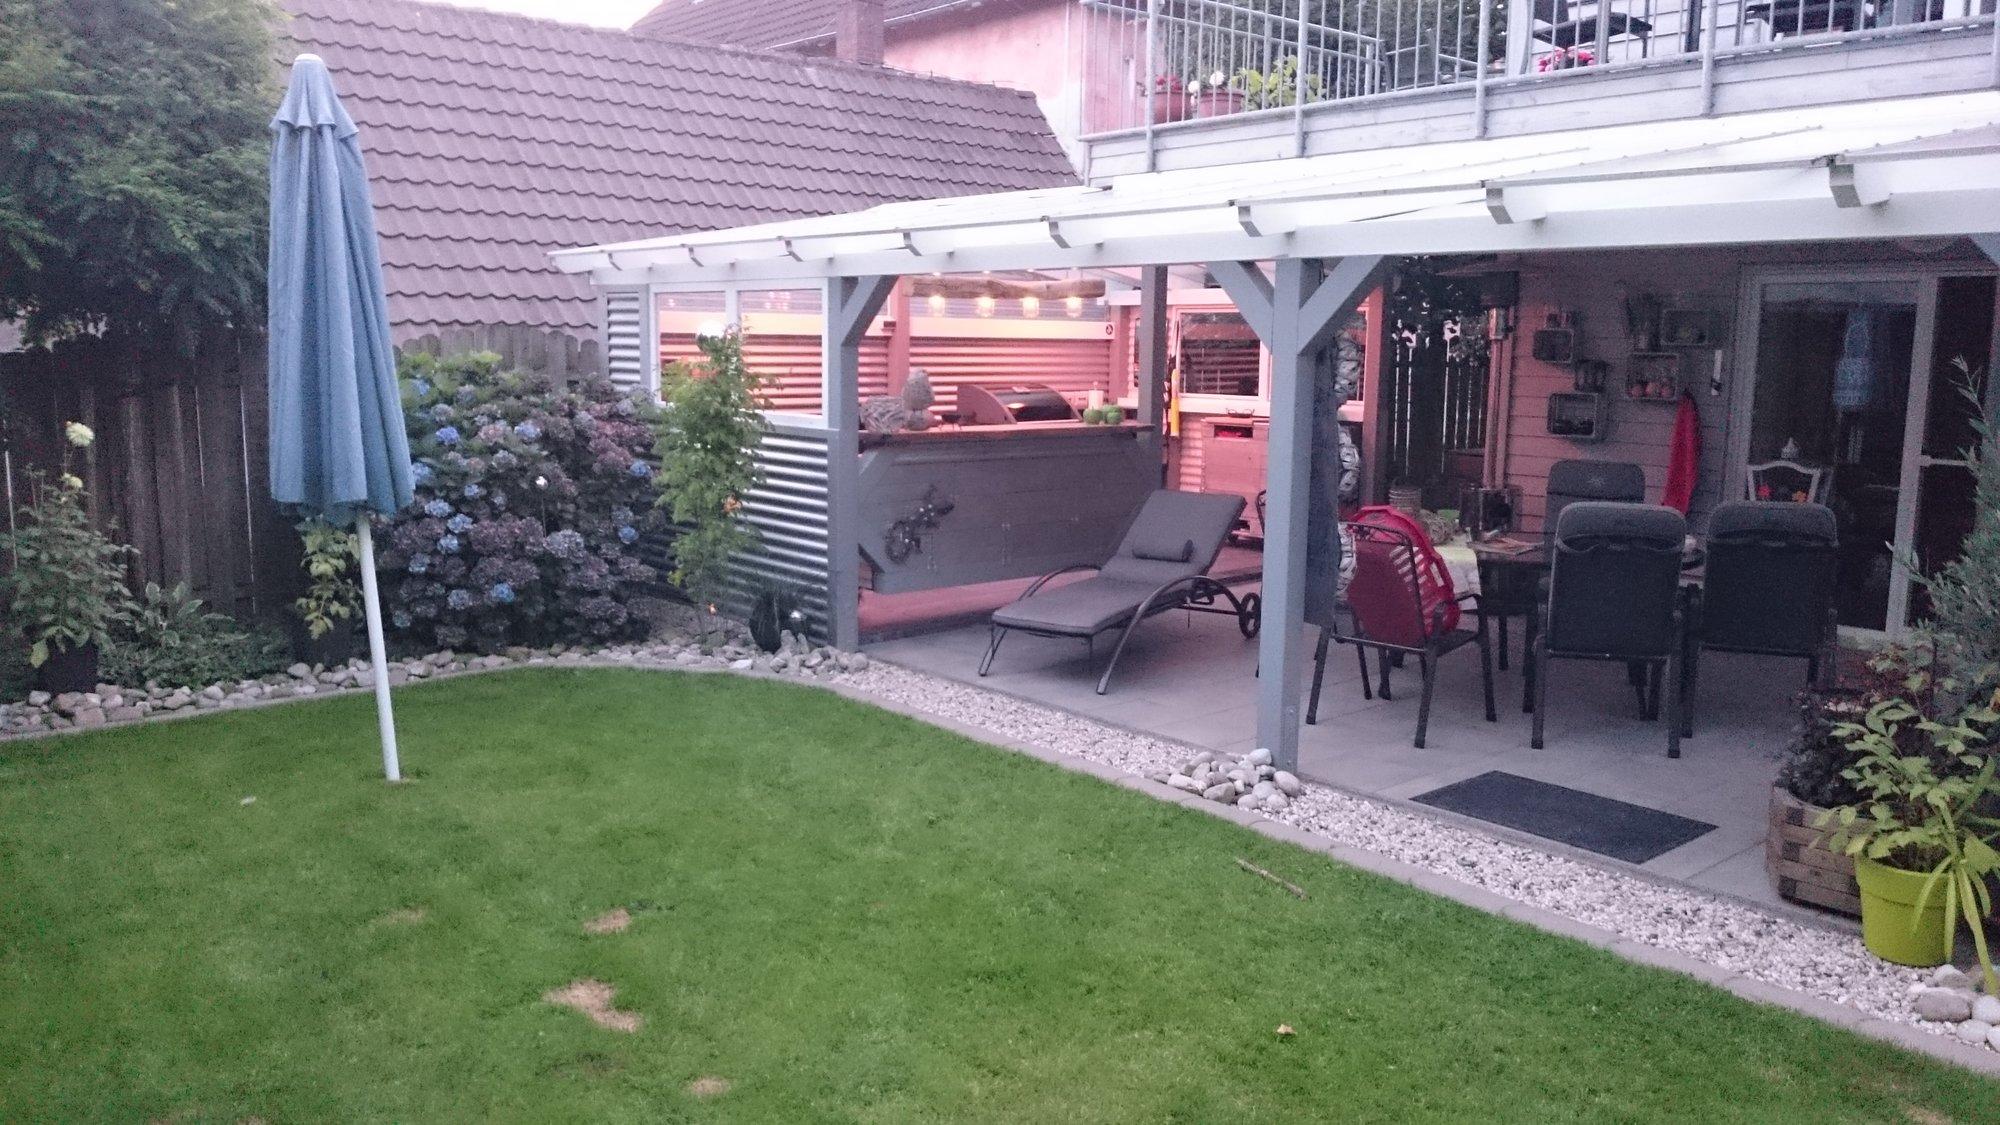 Außenküche Selber Bauen Grillsportverein : Die mämmis bauen einen neuen grillsportplatz mit monolith und fire